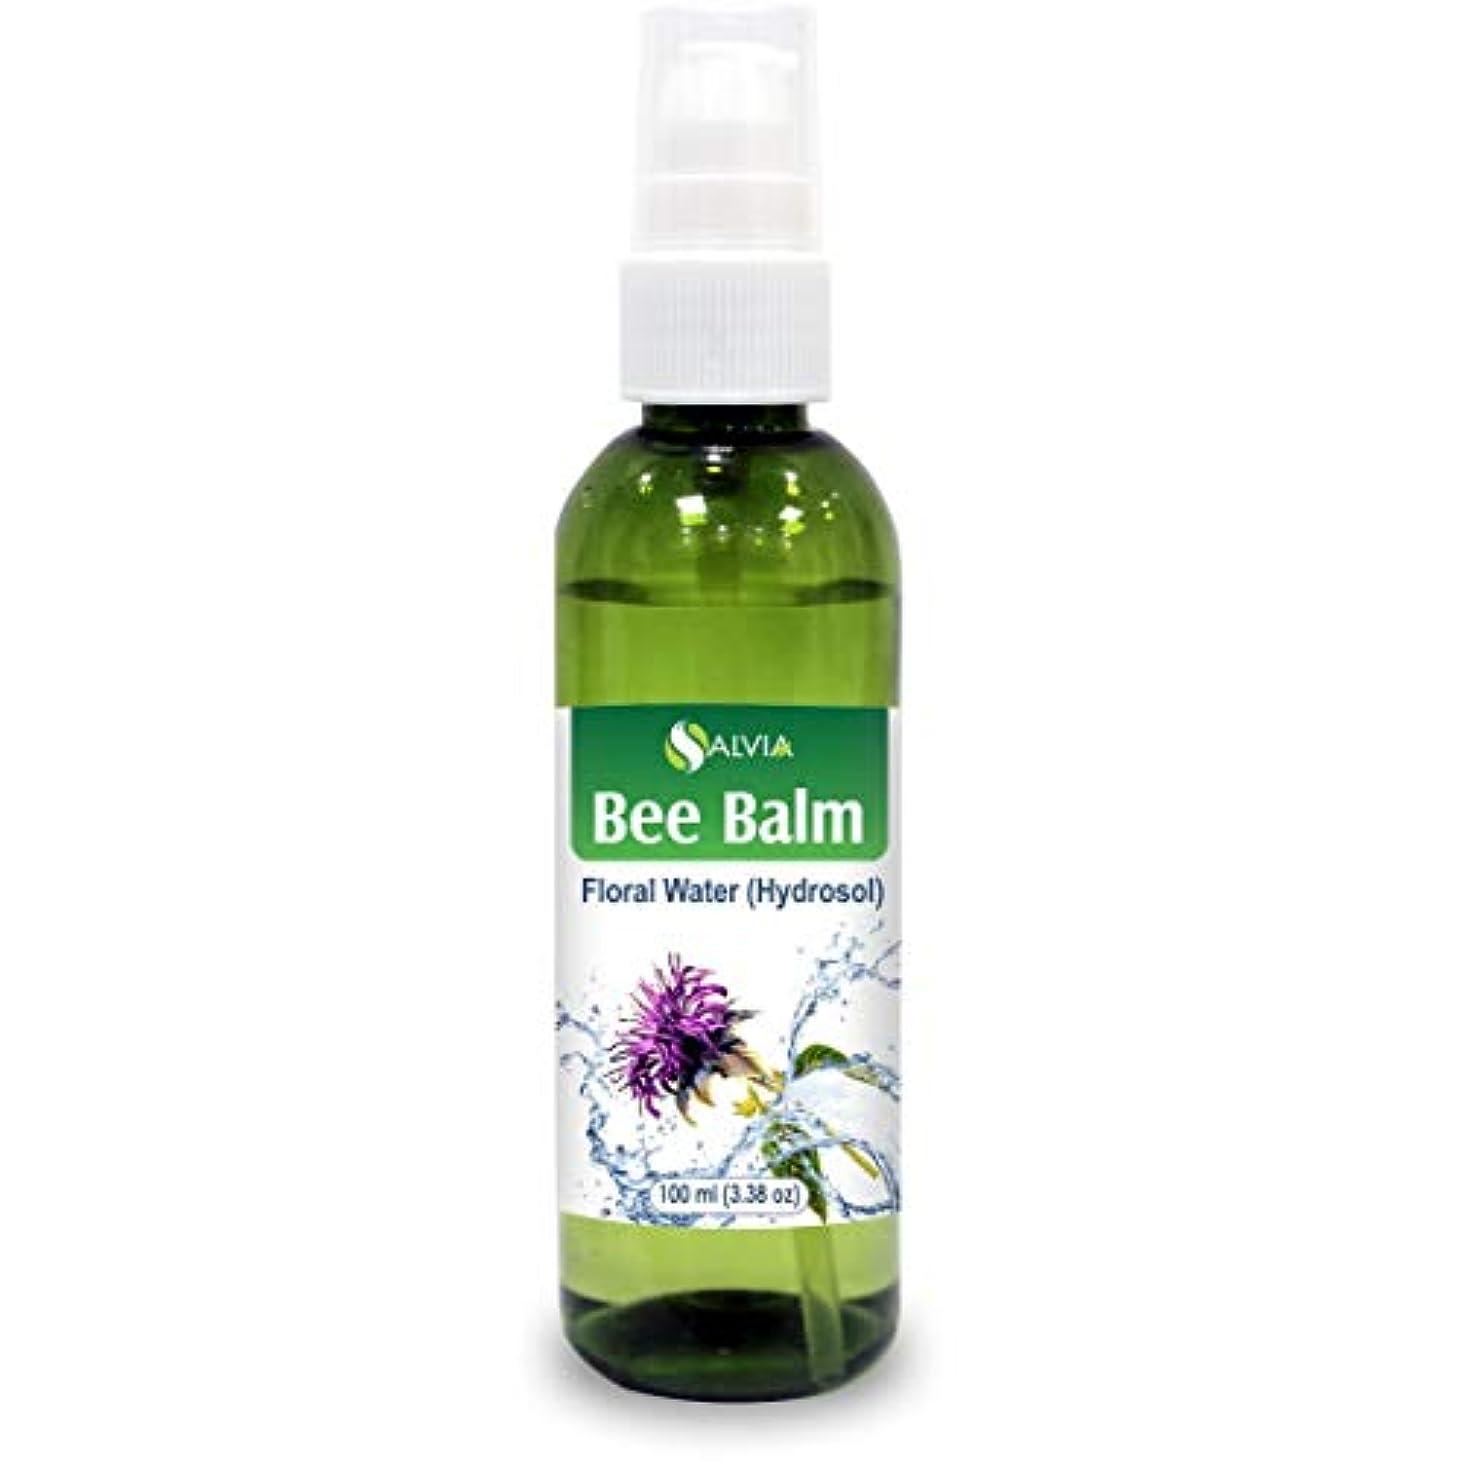 万一に備えて洗う高さBee Balm Floral Water 100ml (Hydrosol) 100% Pure And Natural